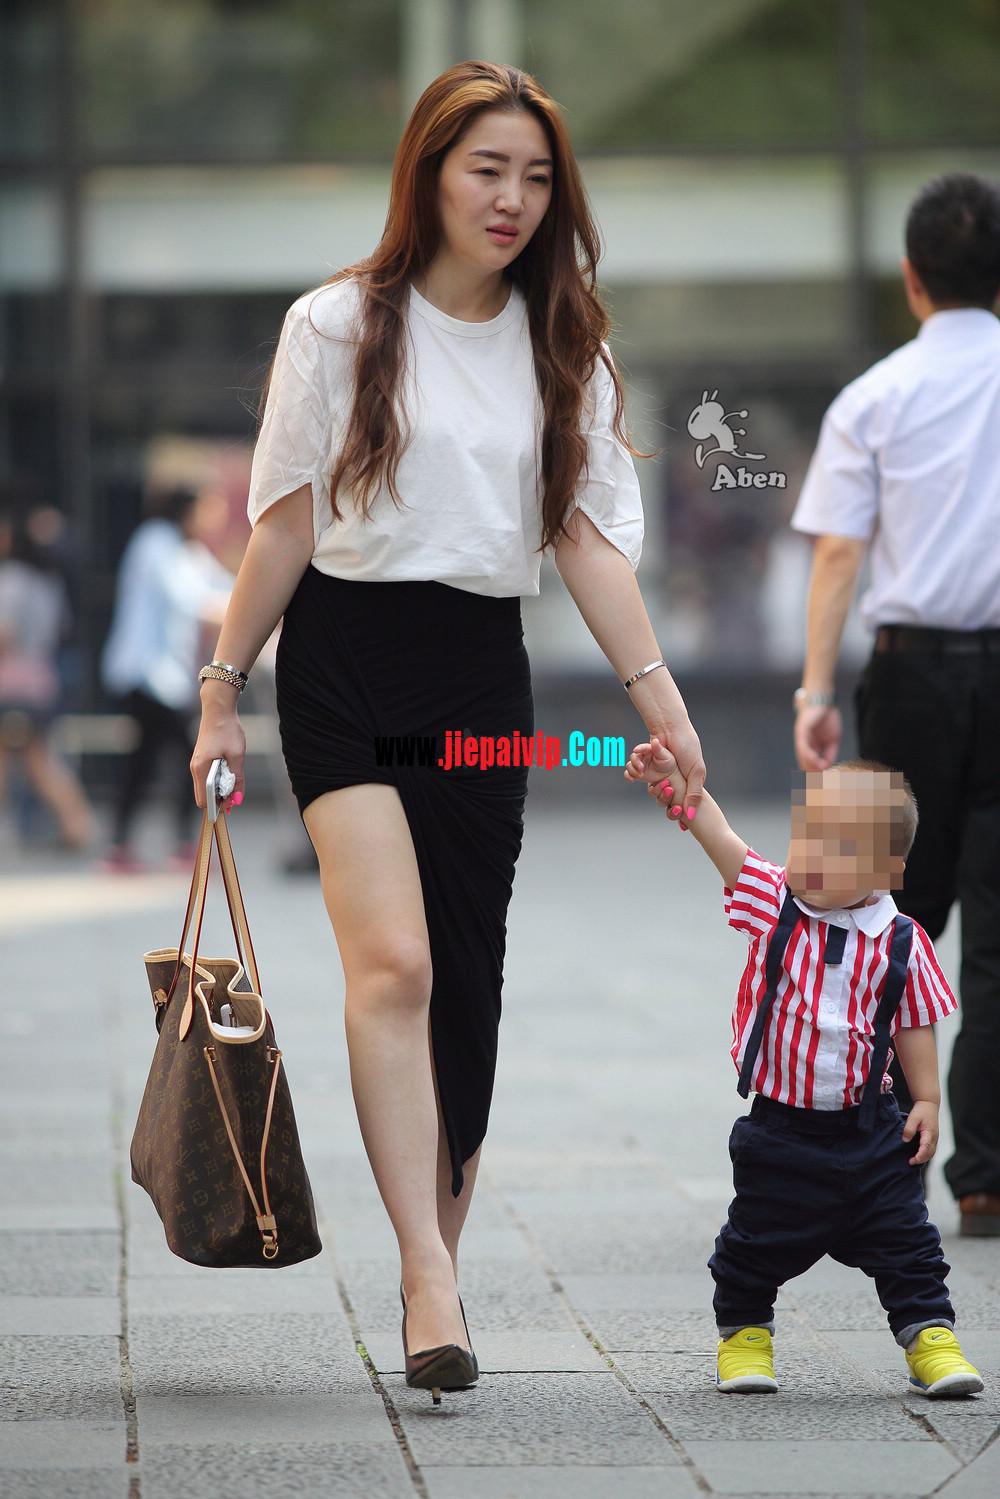 生了小孩的少妇最有魅力,美臀黑裙美腿高跟少妇12